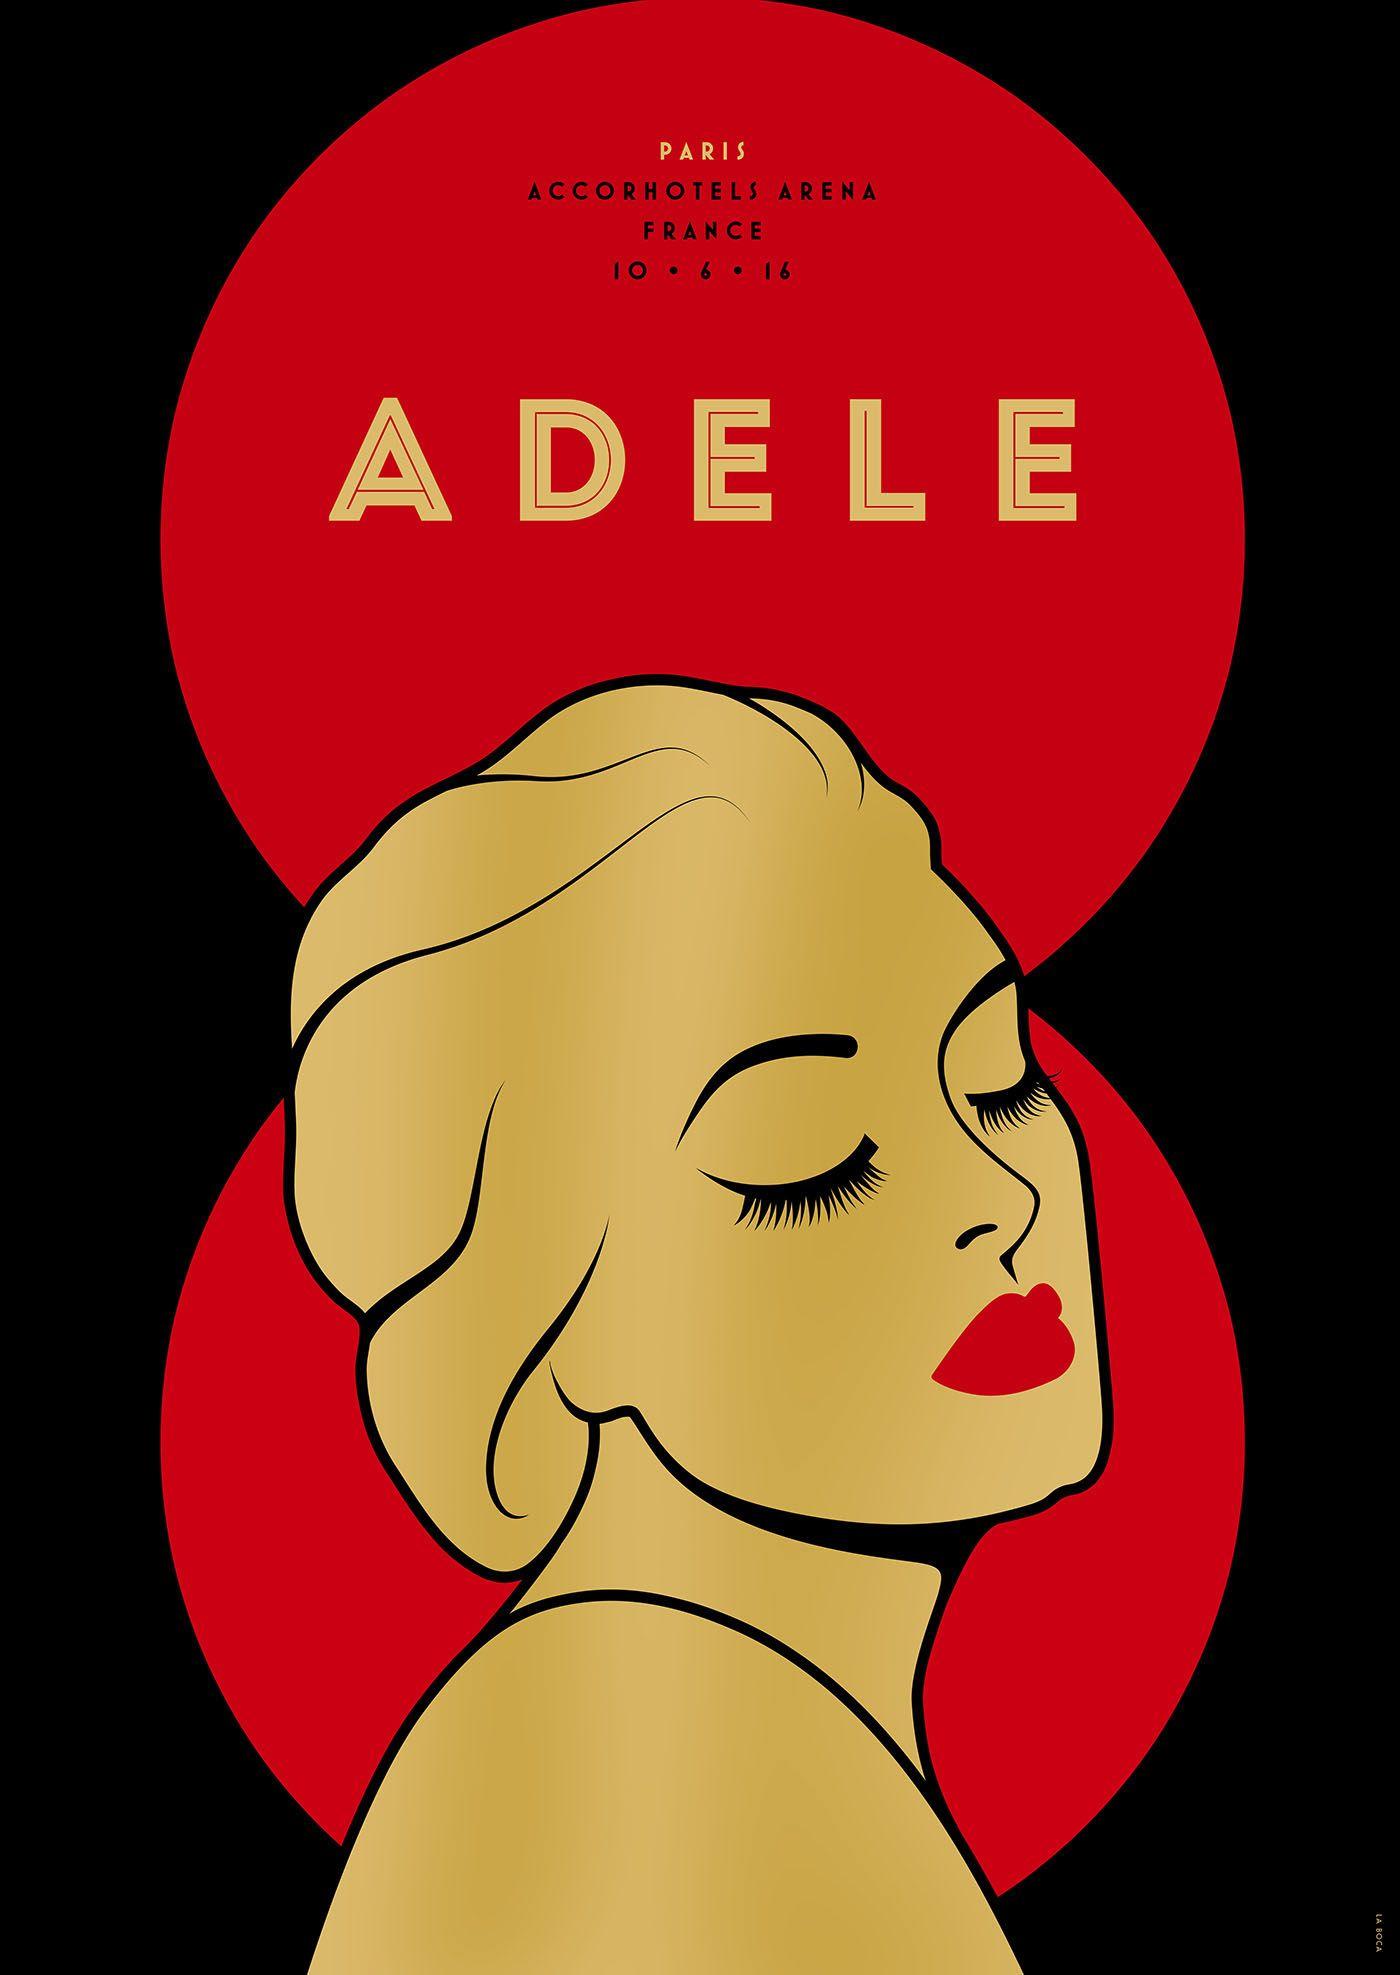 Adele - European Tour 2016 on Behance